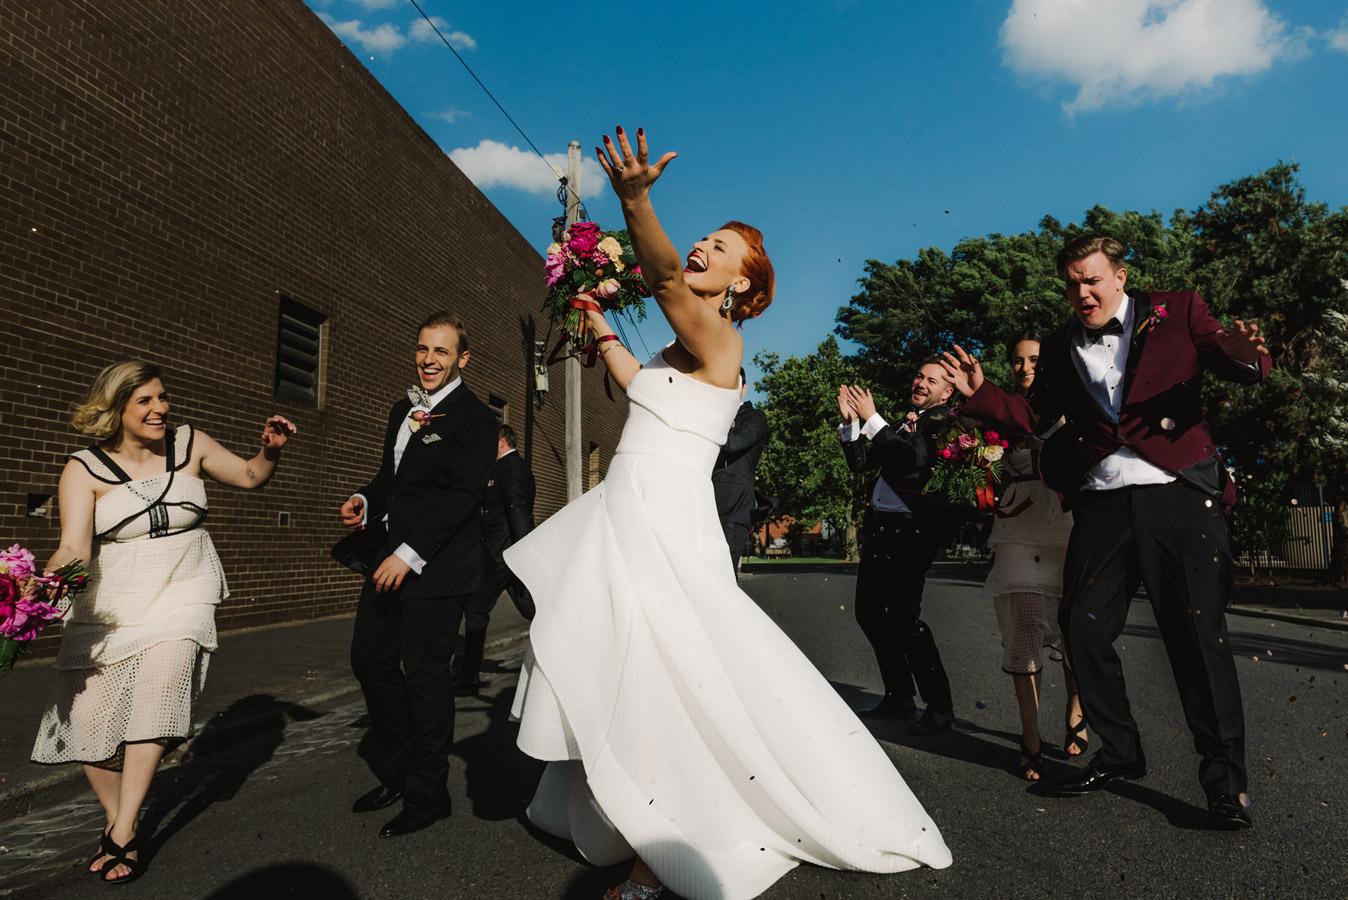 Когда в воздушном шаре конфетти, © Люси Спарталис / Lucy Spartalis, Австралия, Первое место, Фотоконкурс «Rangefinder Ежегодник»